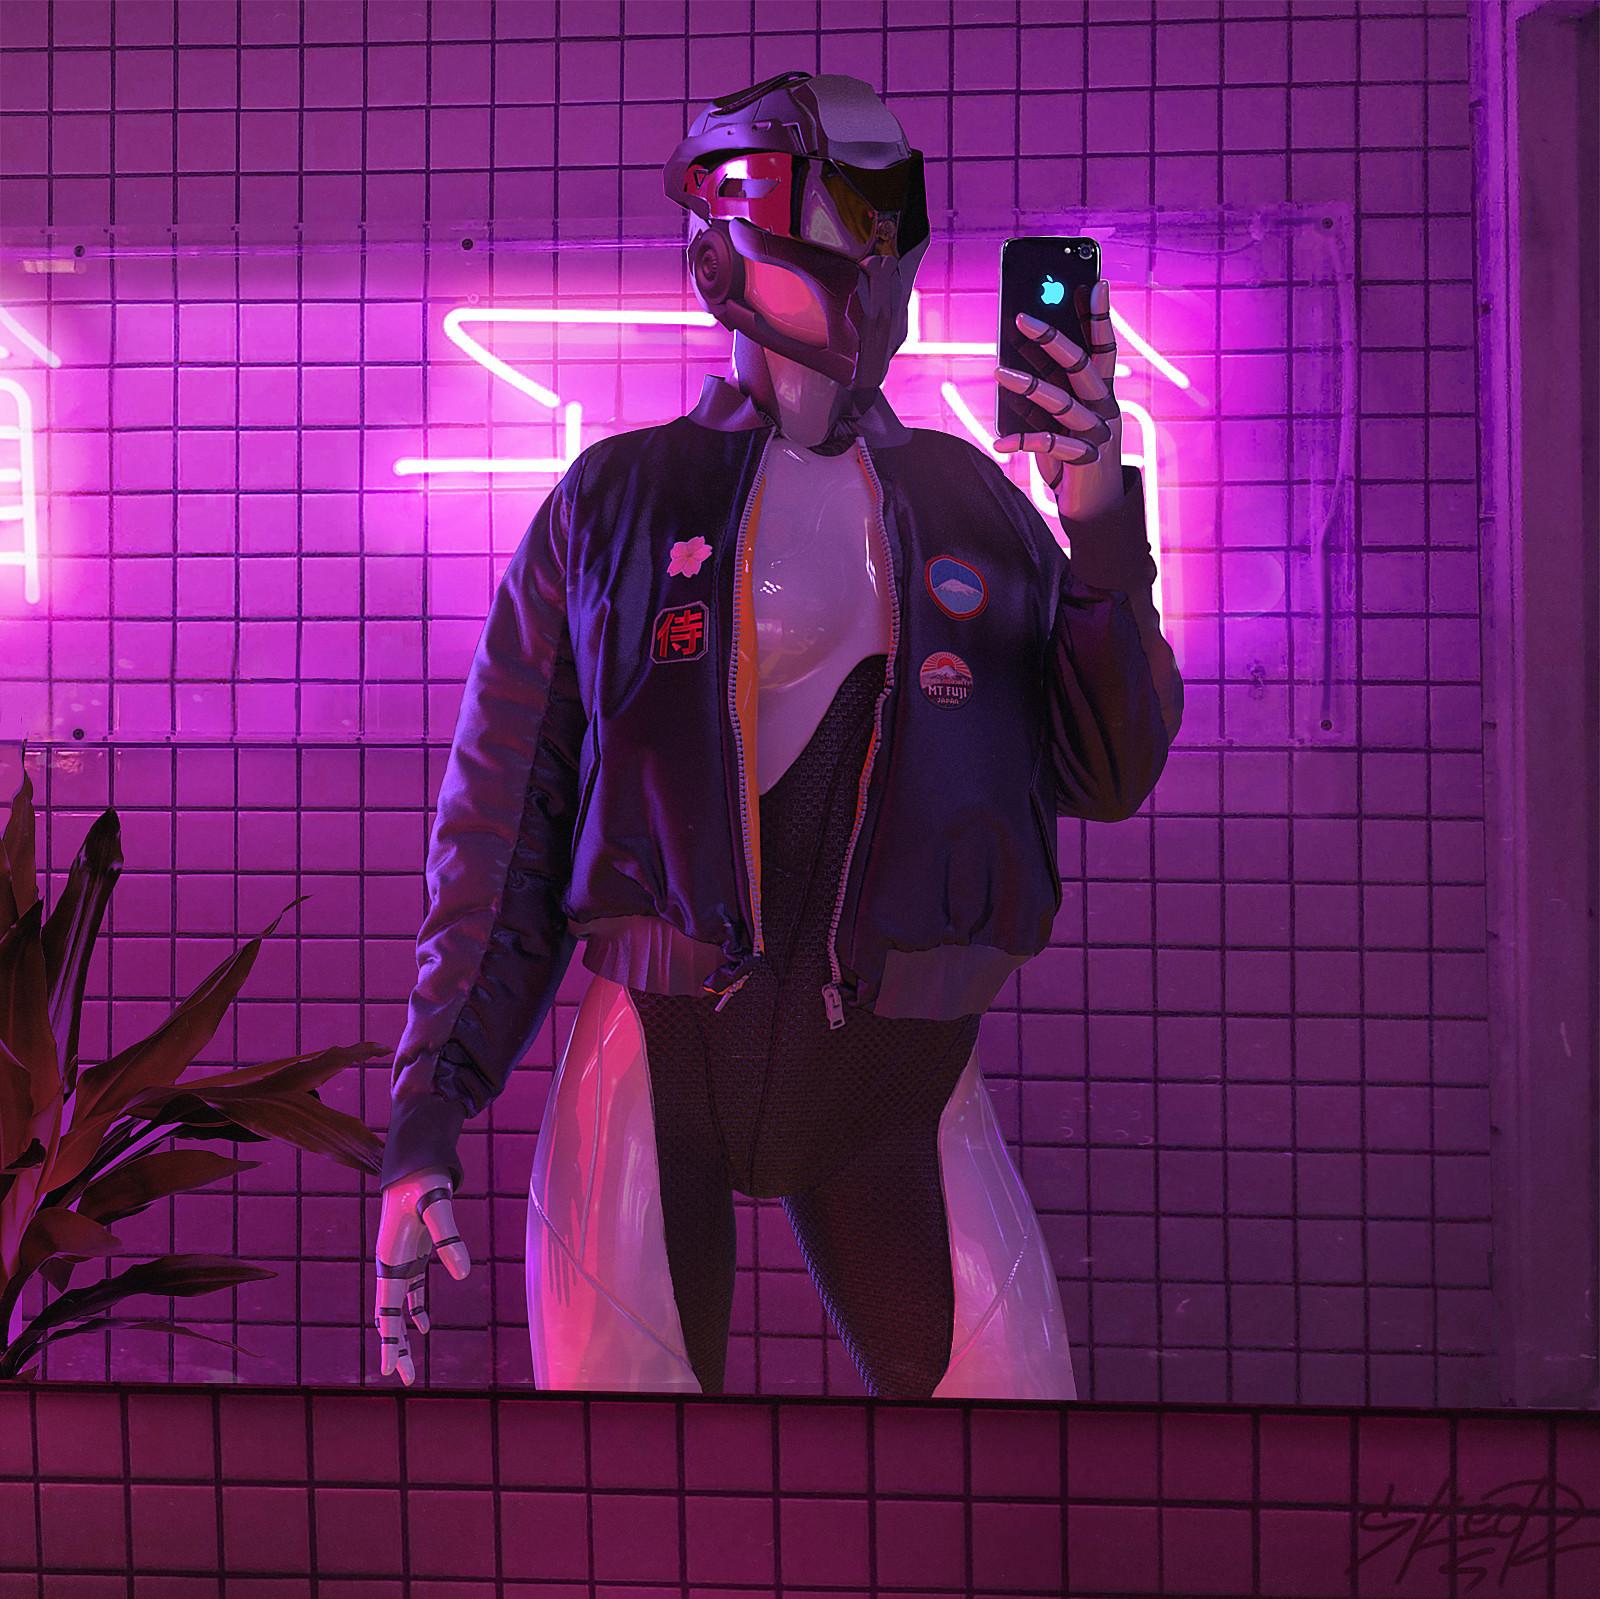 Tony skeor selfierobot